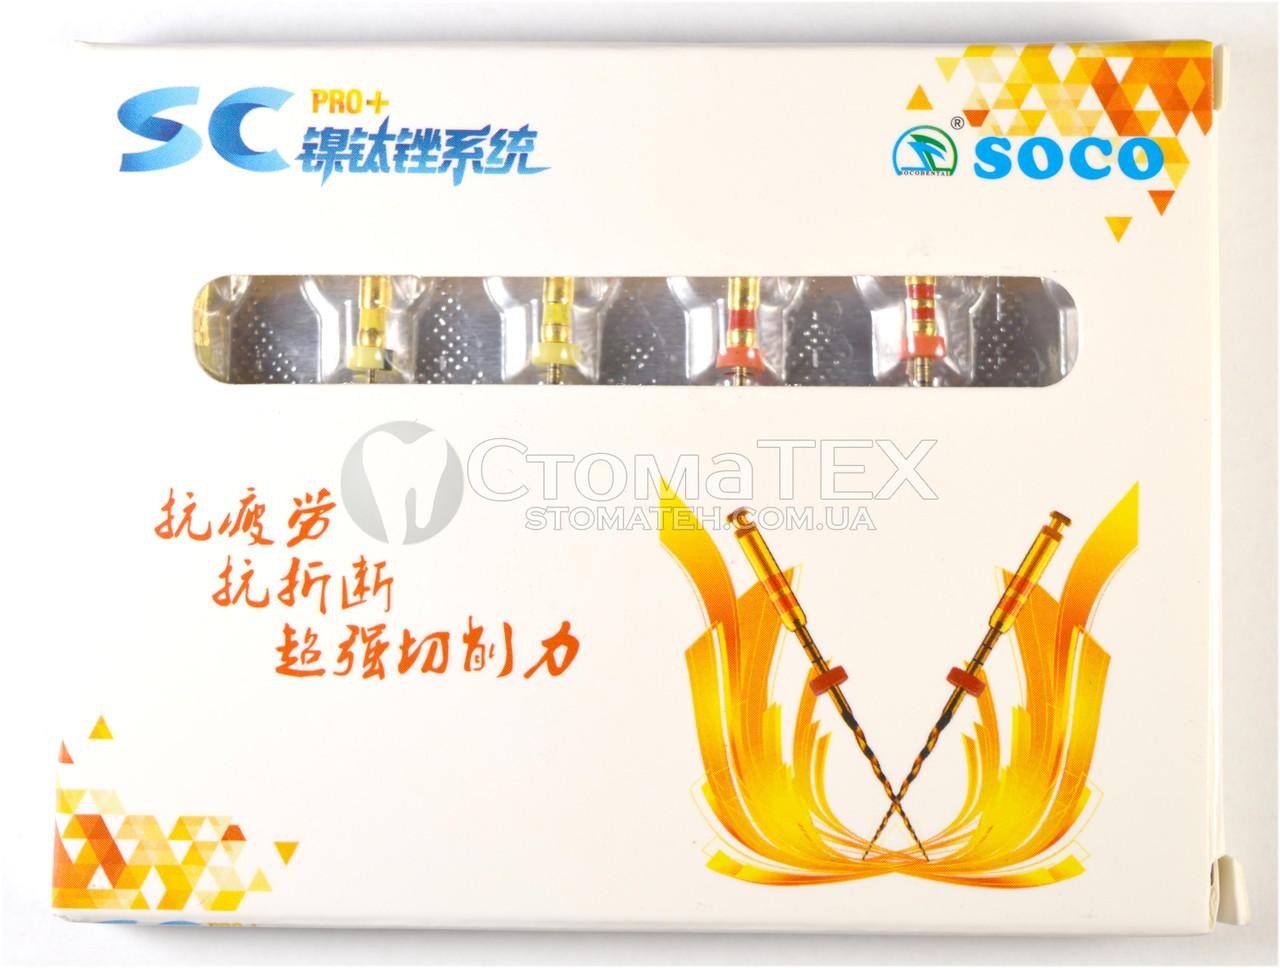 SC-Pro 25мм. 0435, 6шт.